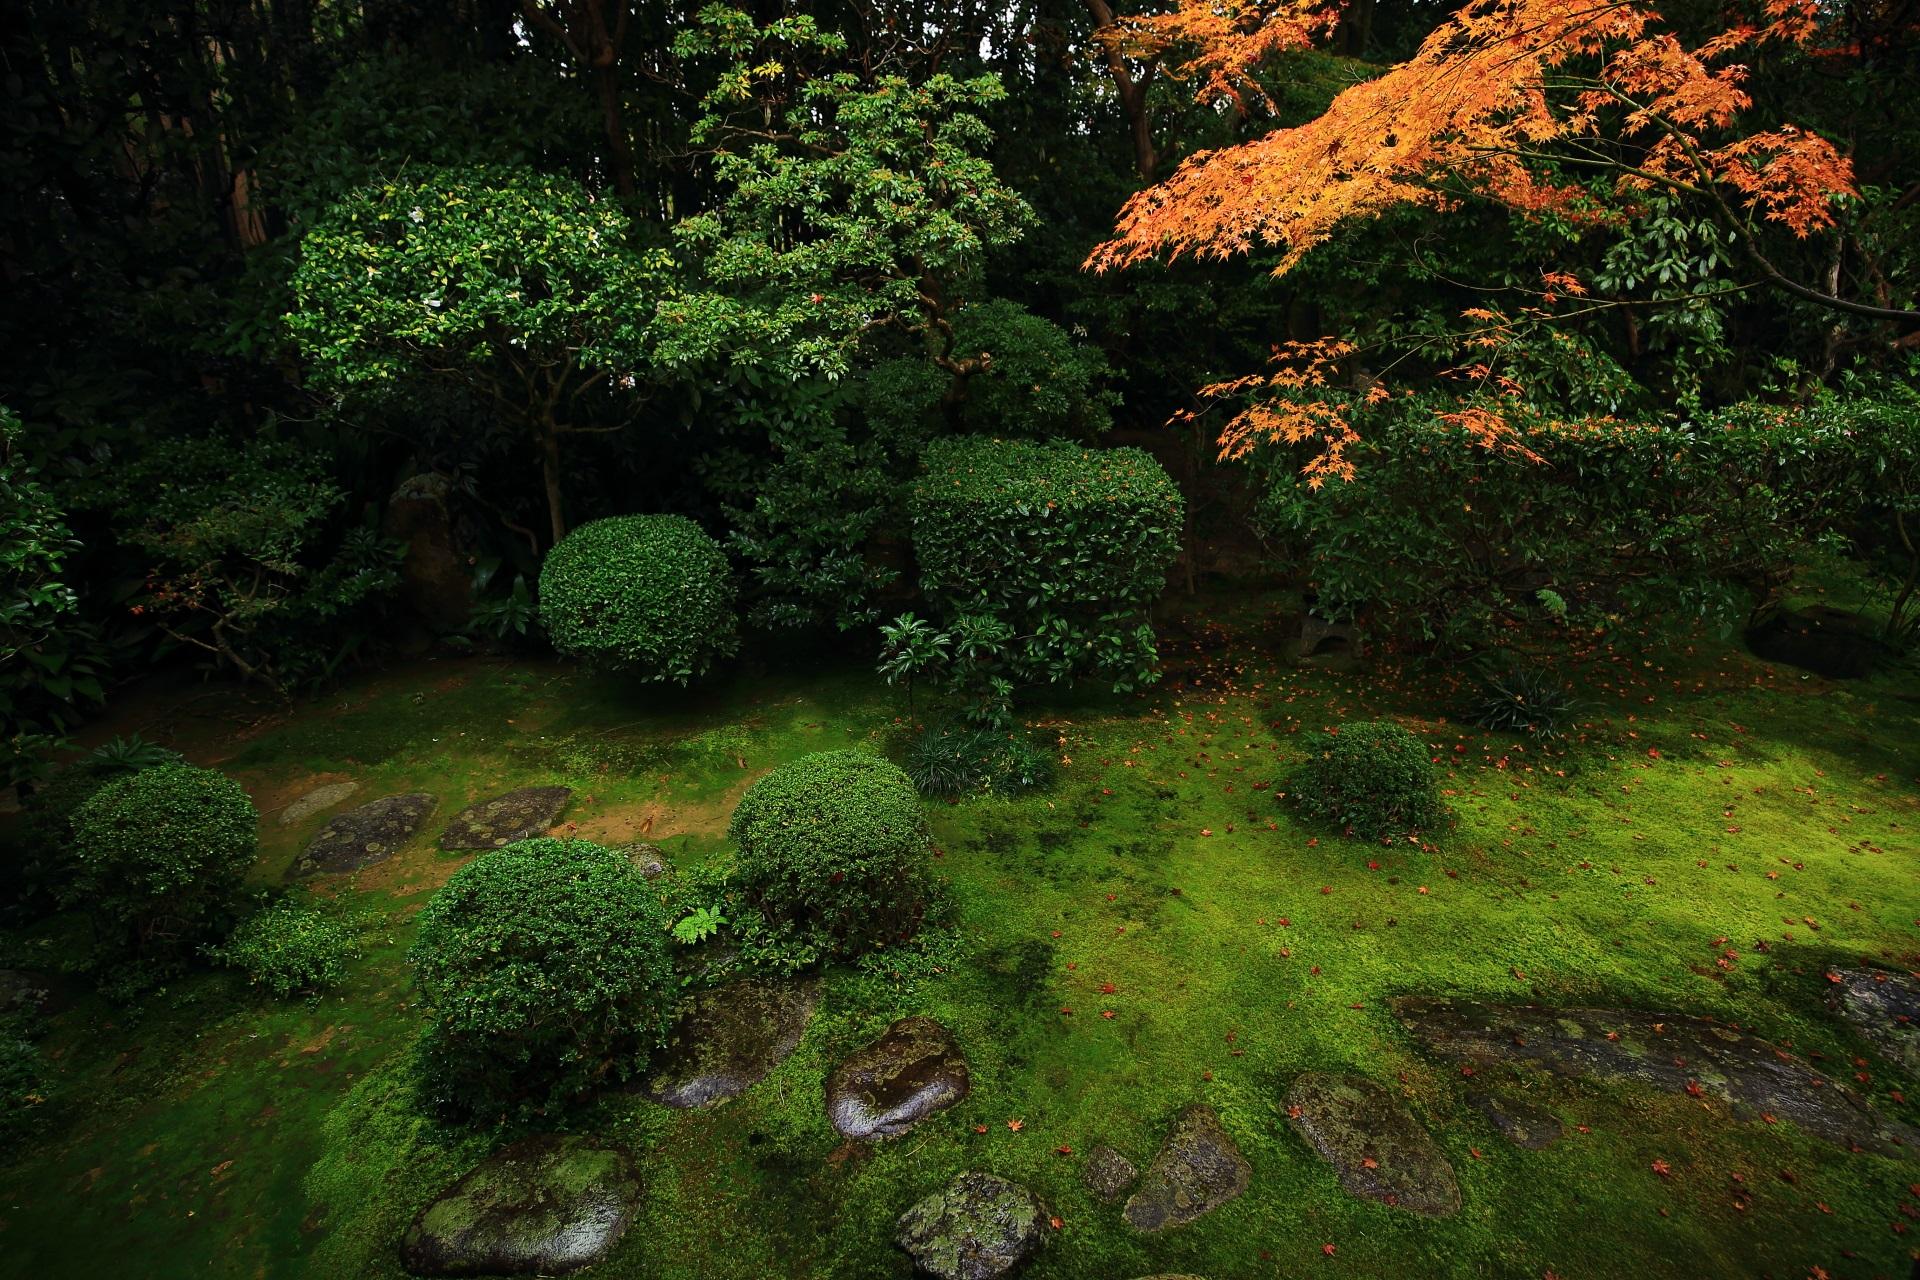 風情ある苔や飛び石の庭園を彩る桂春院の鮮やかな紅葉